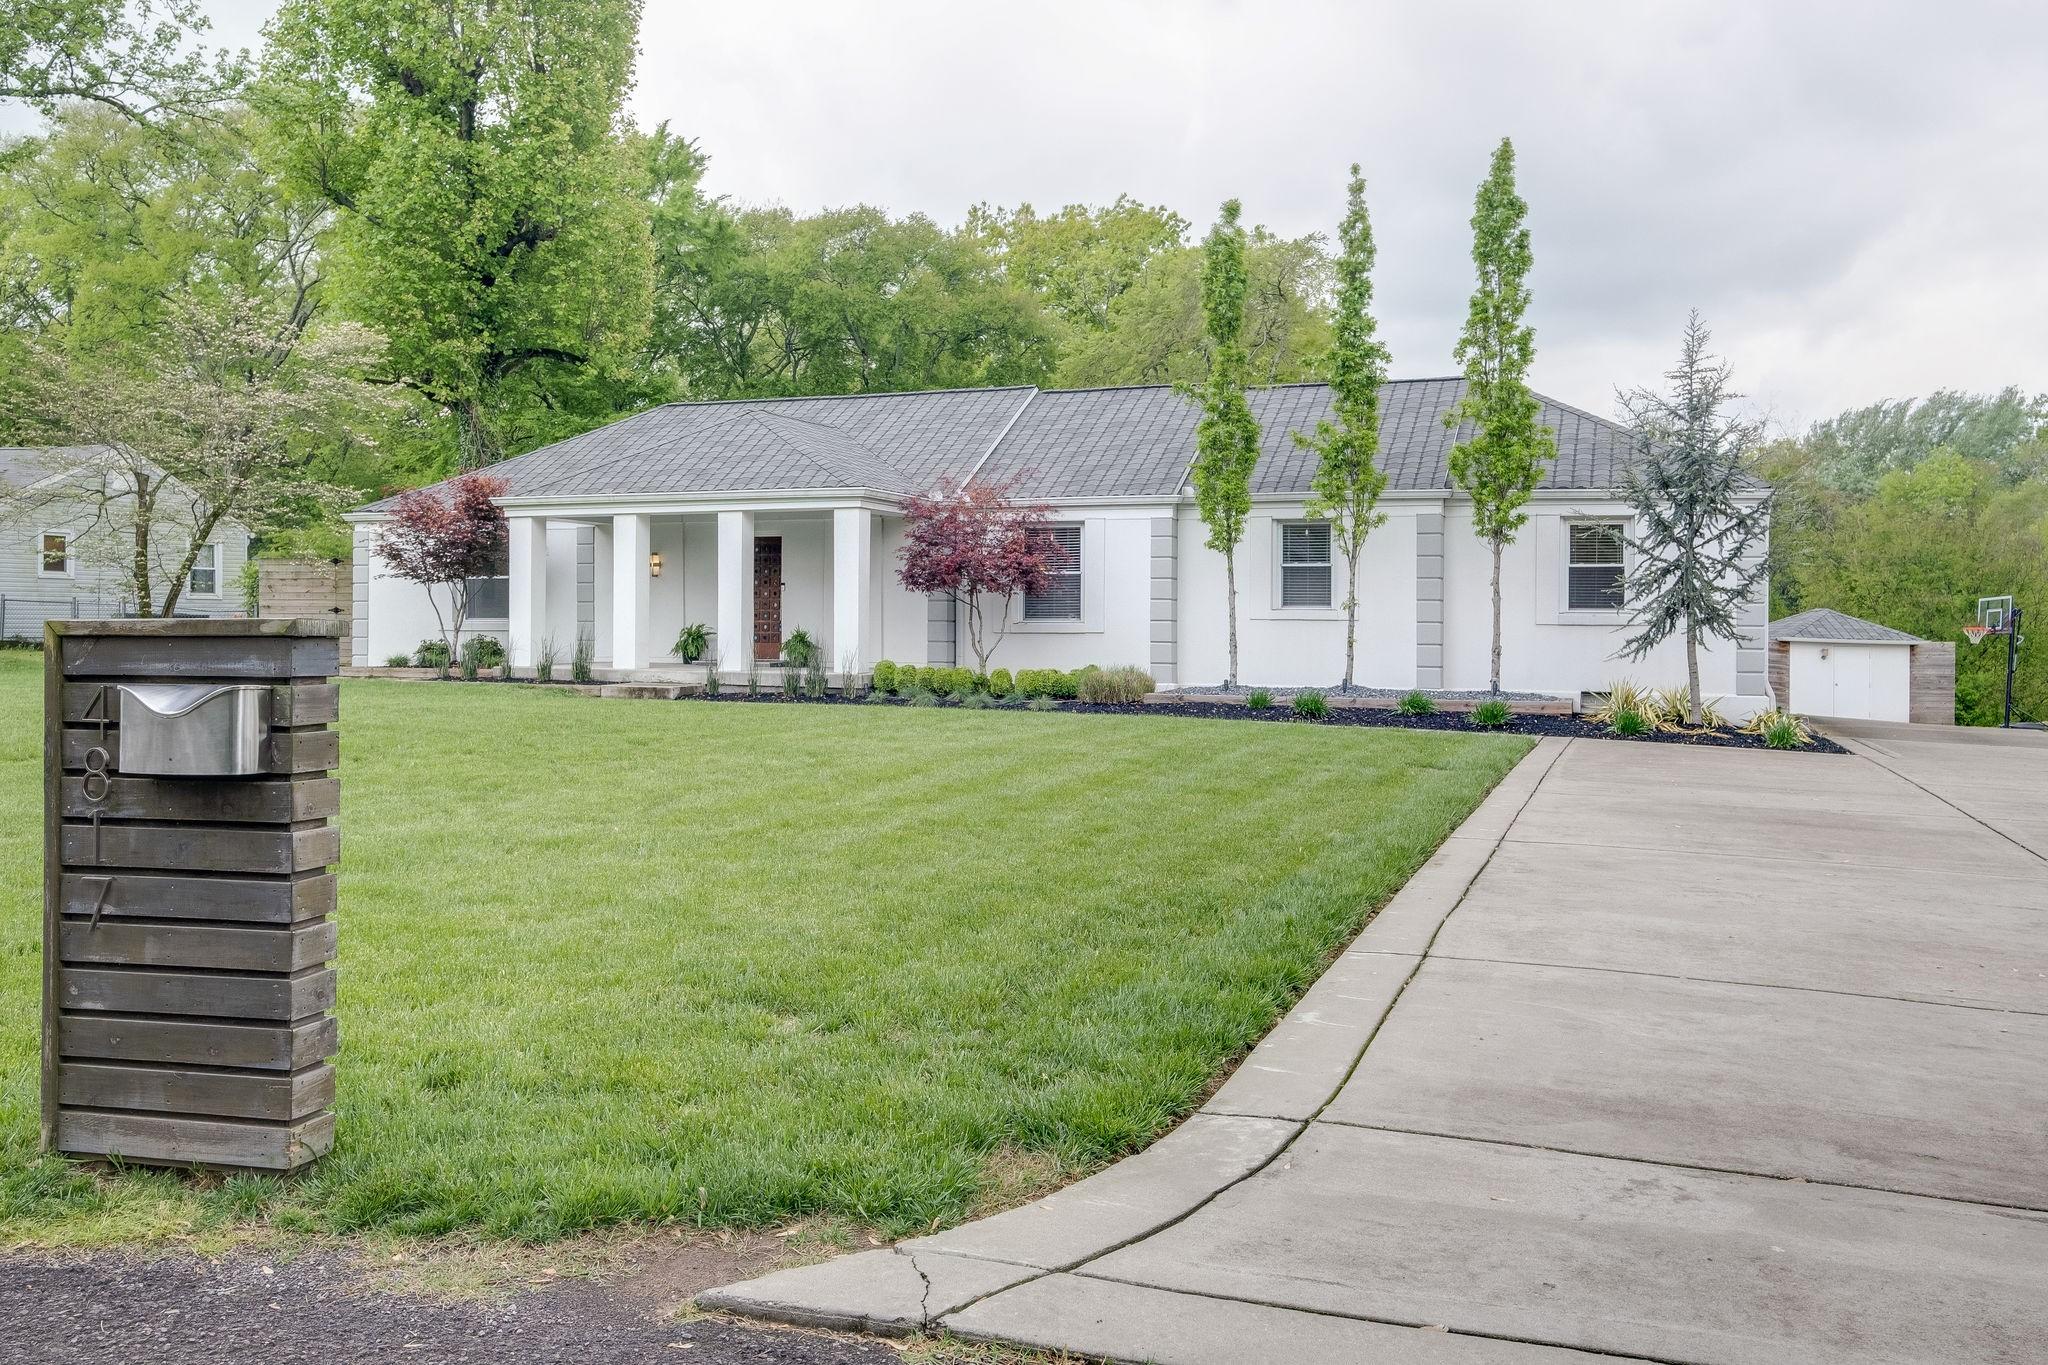 4817 Tanglewood Dr, Nashville, TN 37216 - Nashville, TN real estate listing